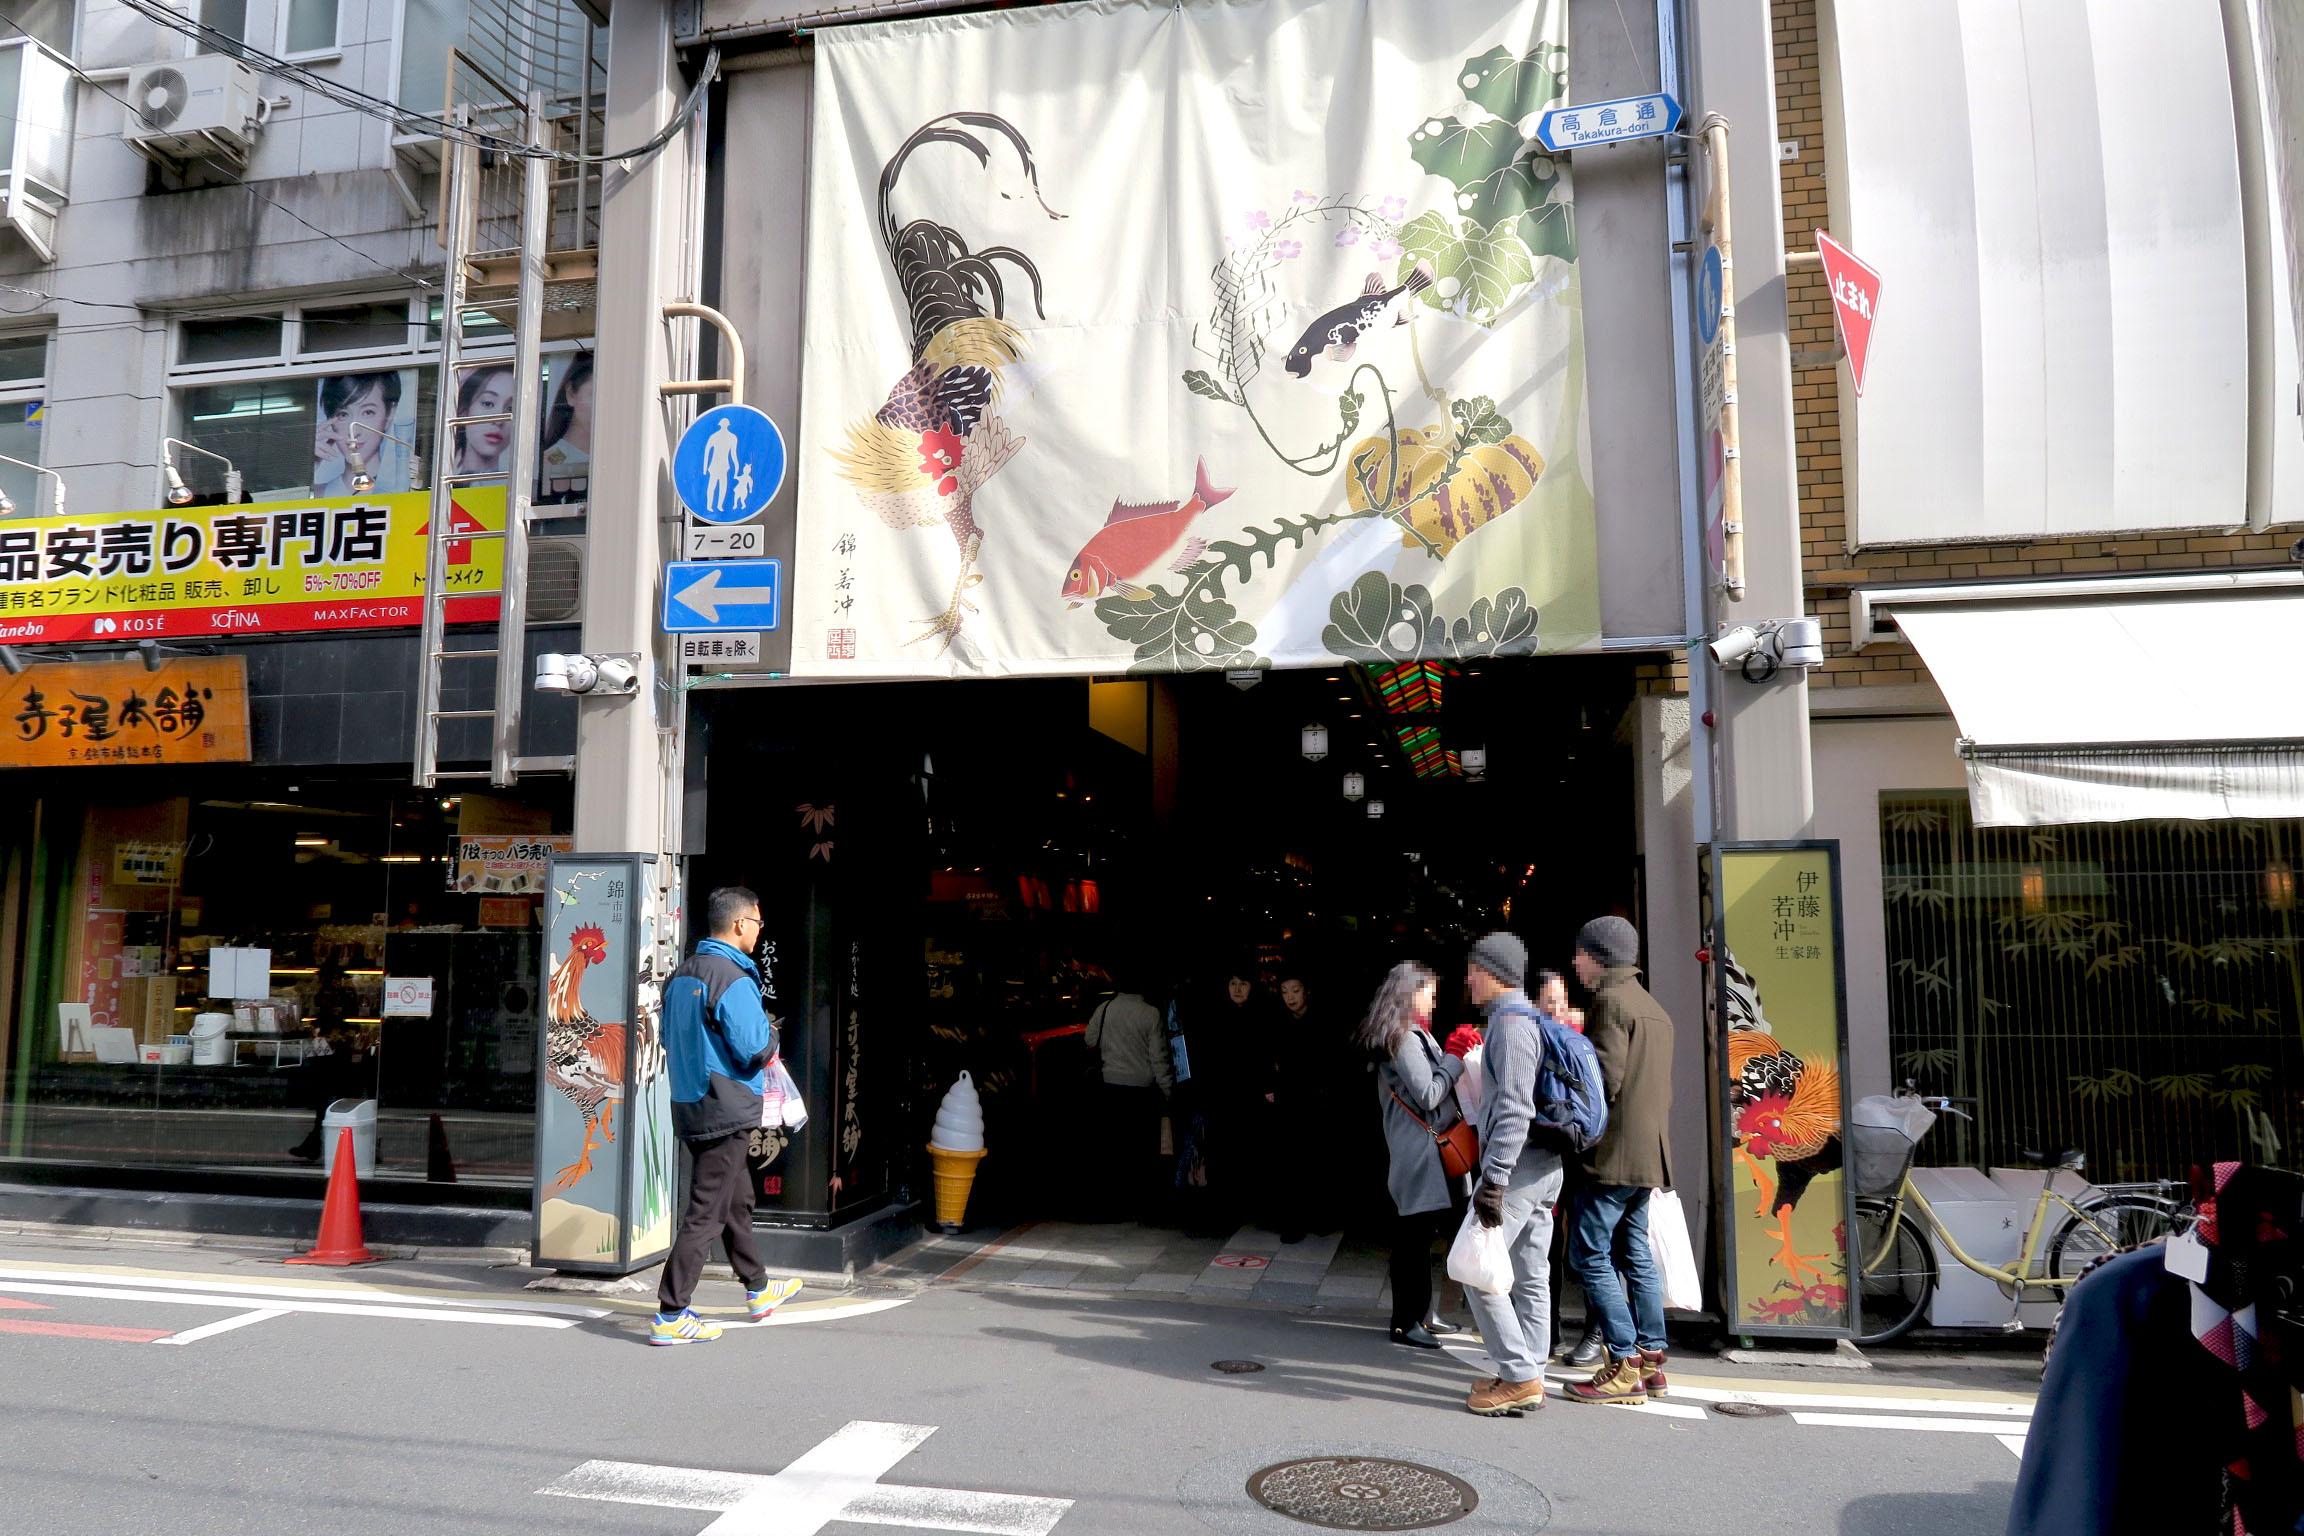 錦市場の入口に到着。もちろん歩行者専用です。途中に車も通行する道を横切るので、注意が必要です。